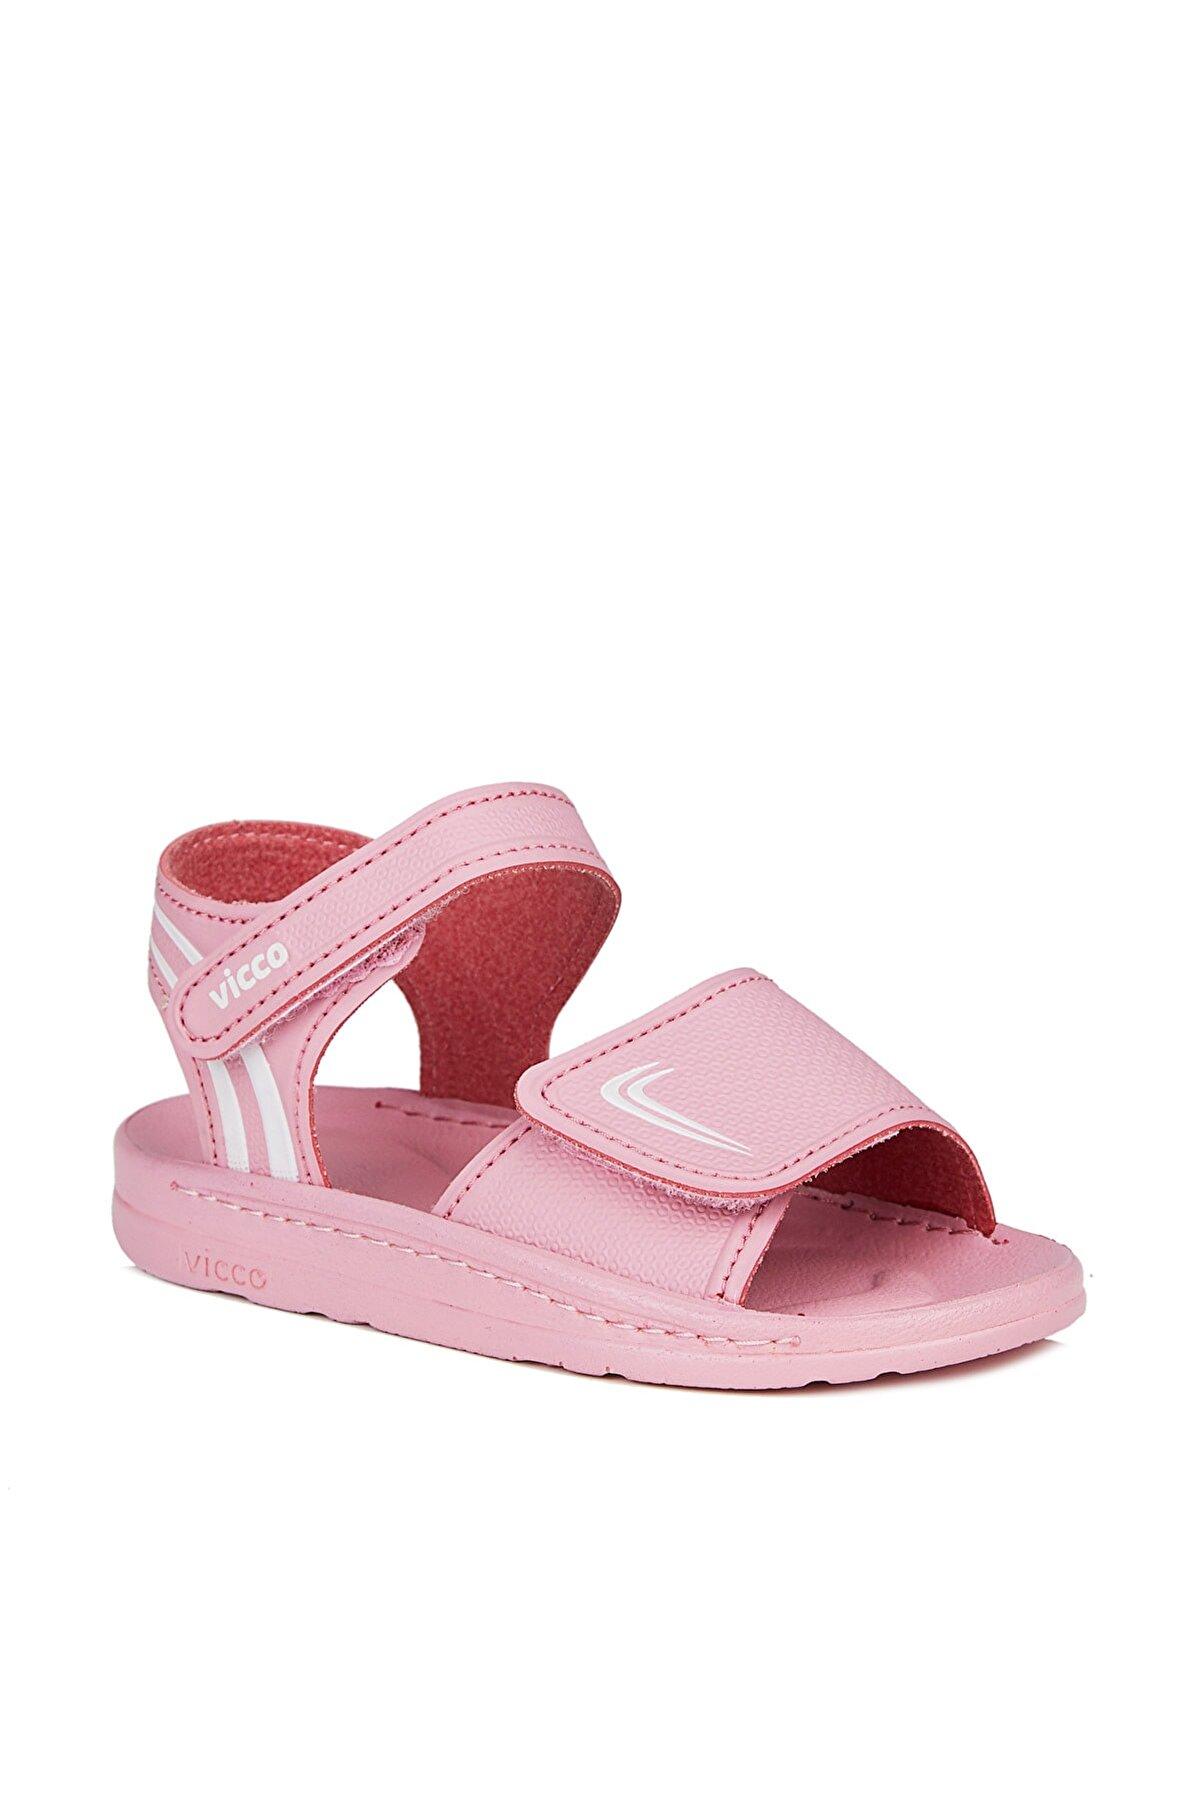 Vicco Dory Kız Bebe Pembe Sandalet